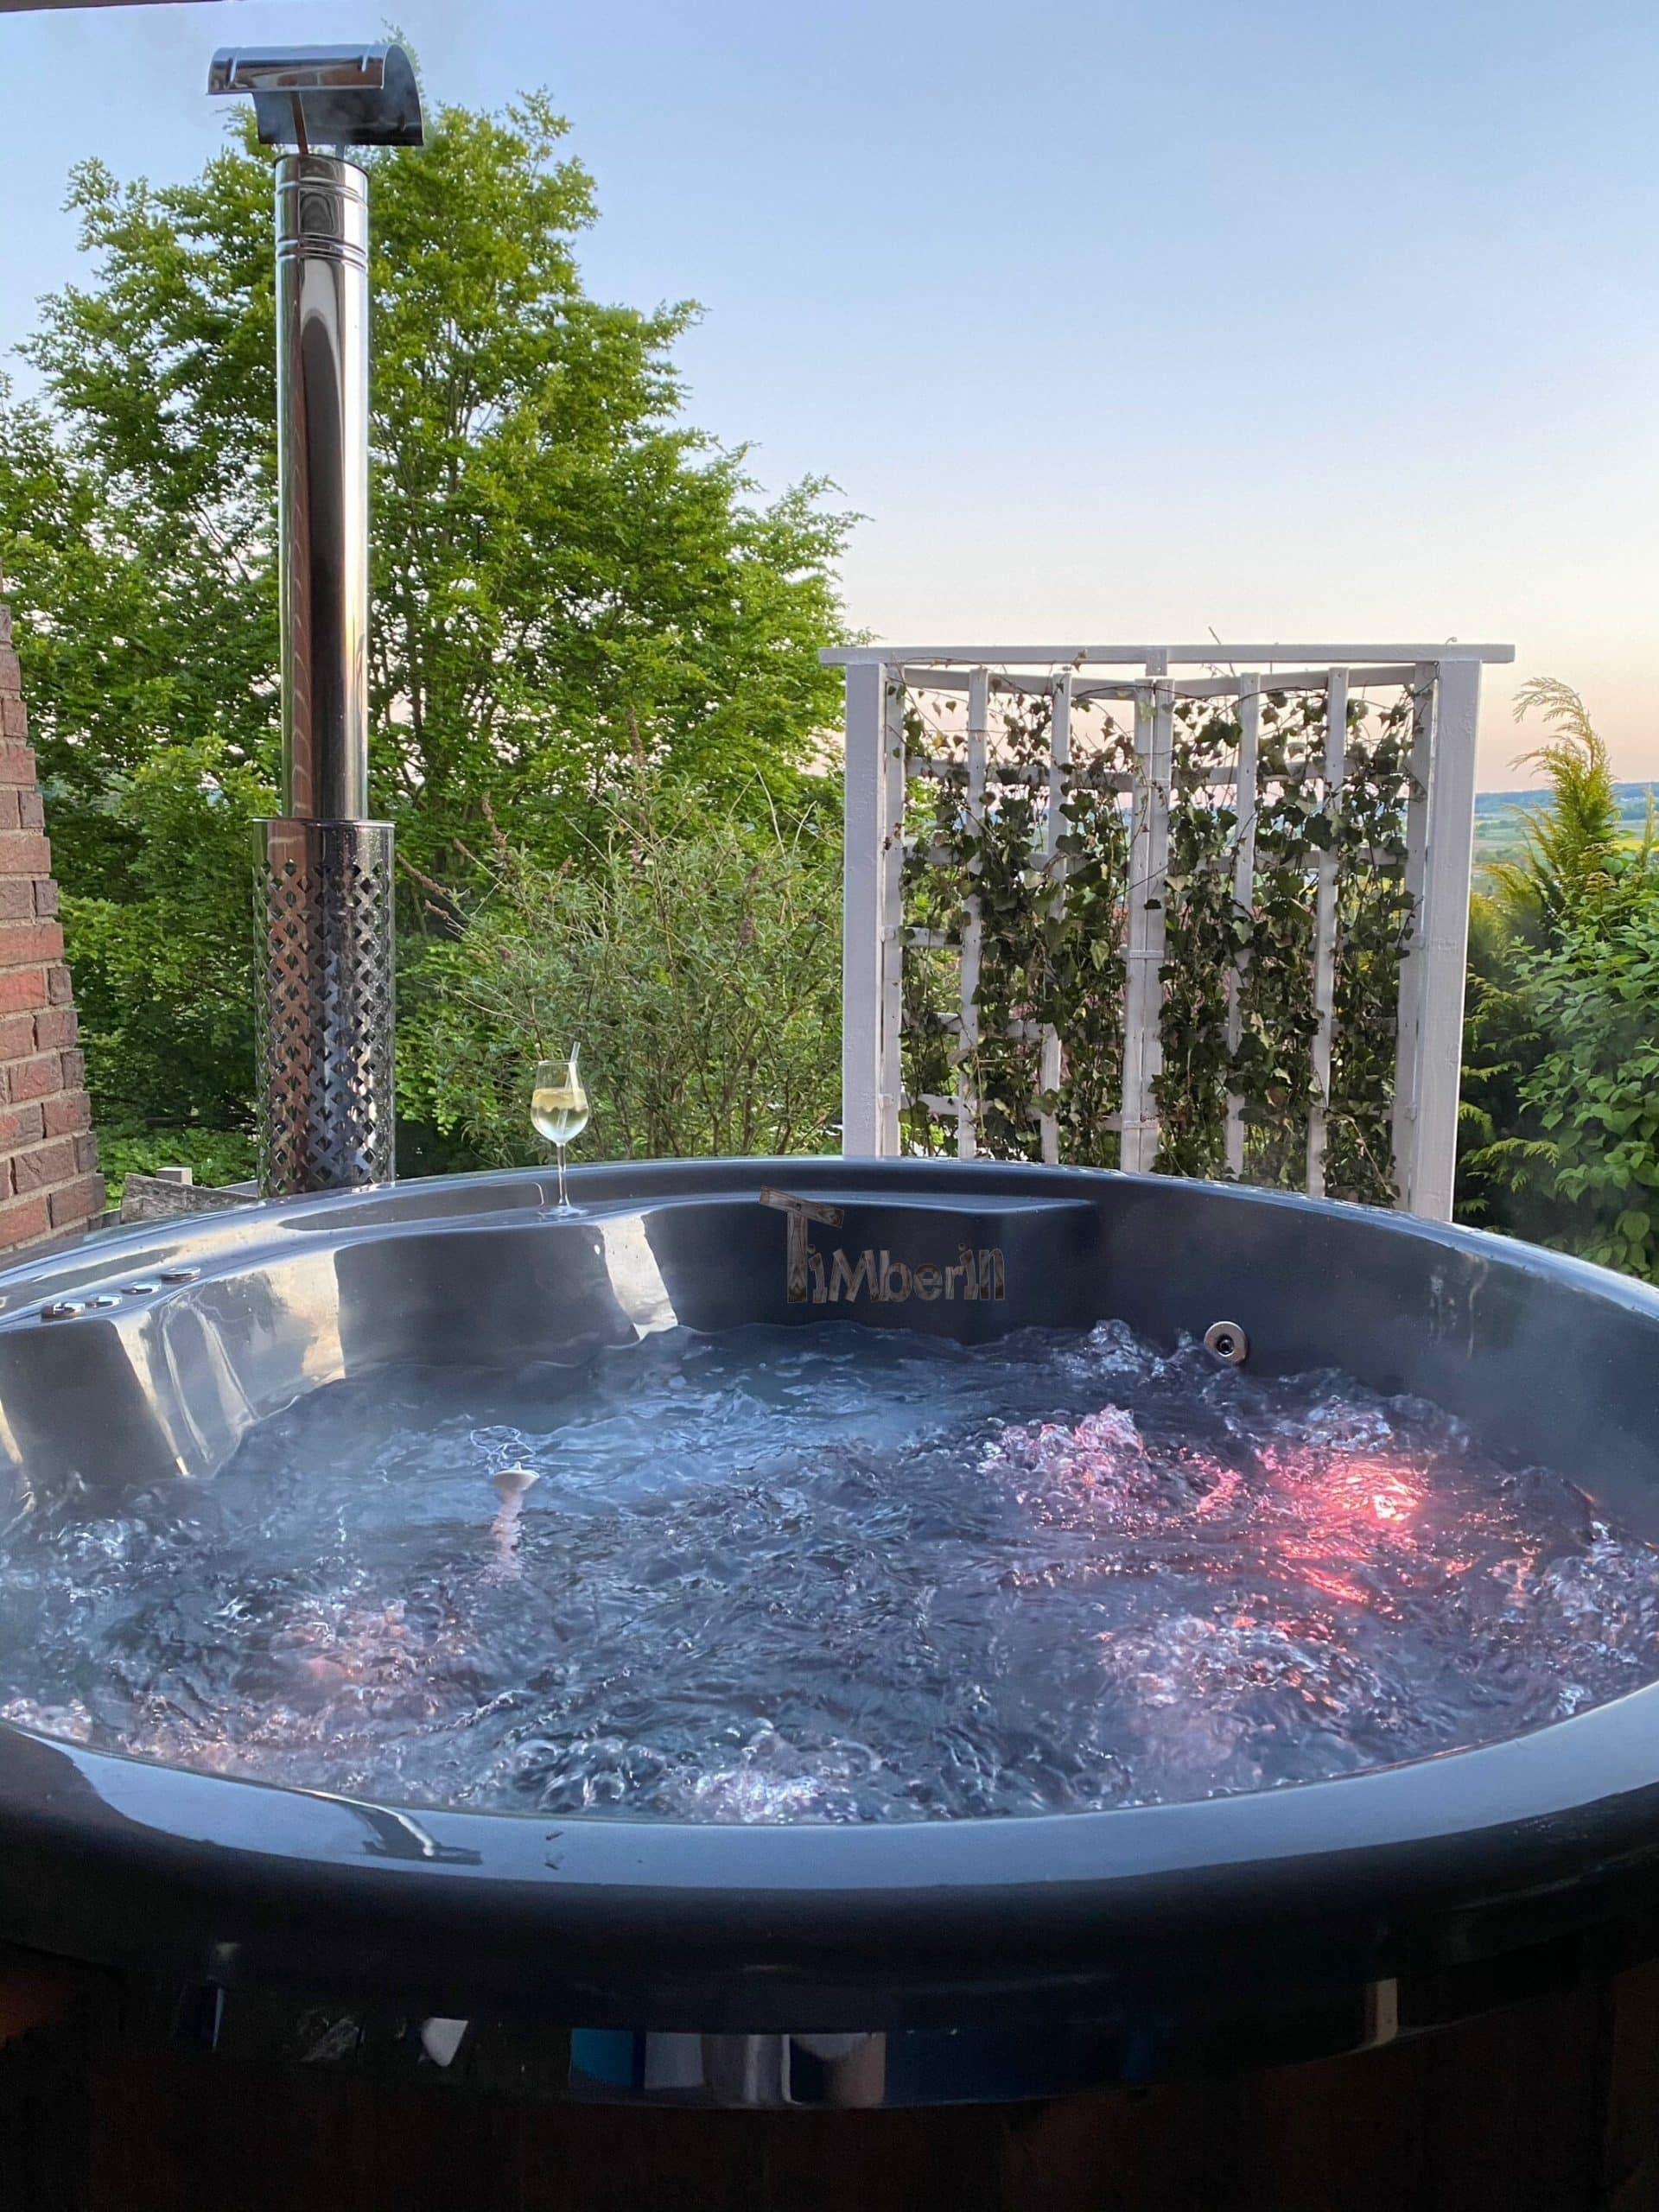 Badefass gfk mit Whirlpool Wellness Royal Sina Dassel Deutschland 1 1 scaled